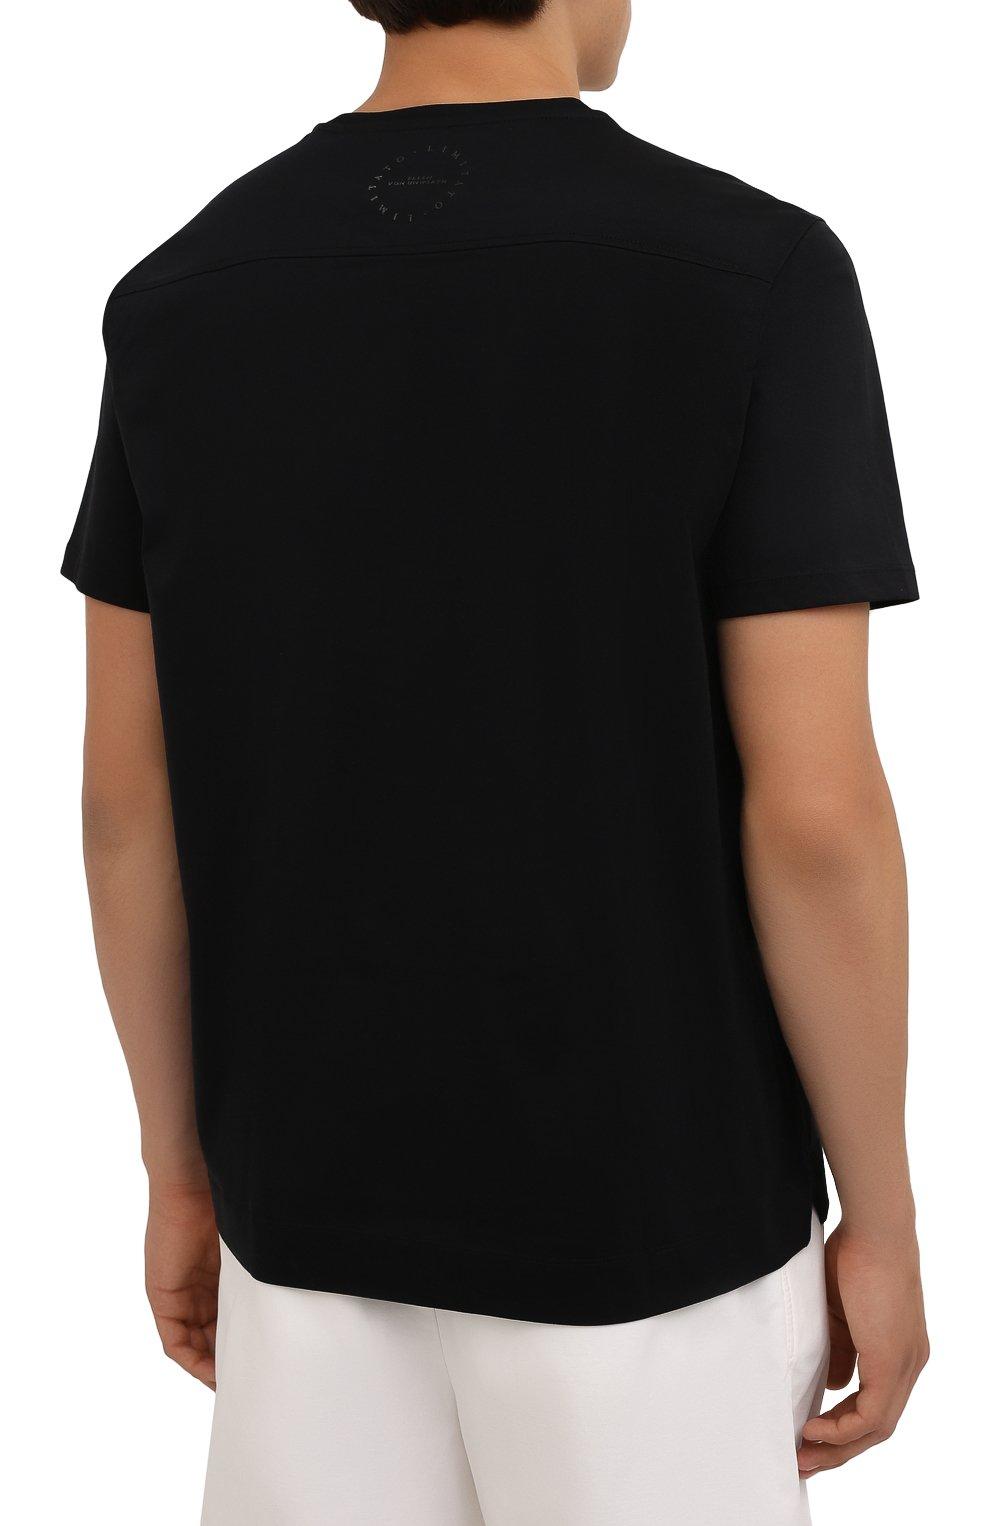 Мужская хлопковая футболка LIMITATO черного цвета, арт. STUDY/T-SHIRT   Фото 4 (Рукава: Короткие; Длина (для топов): Стандартные; Принт: С принтом; Материал внешний: Хлопок)